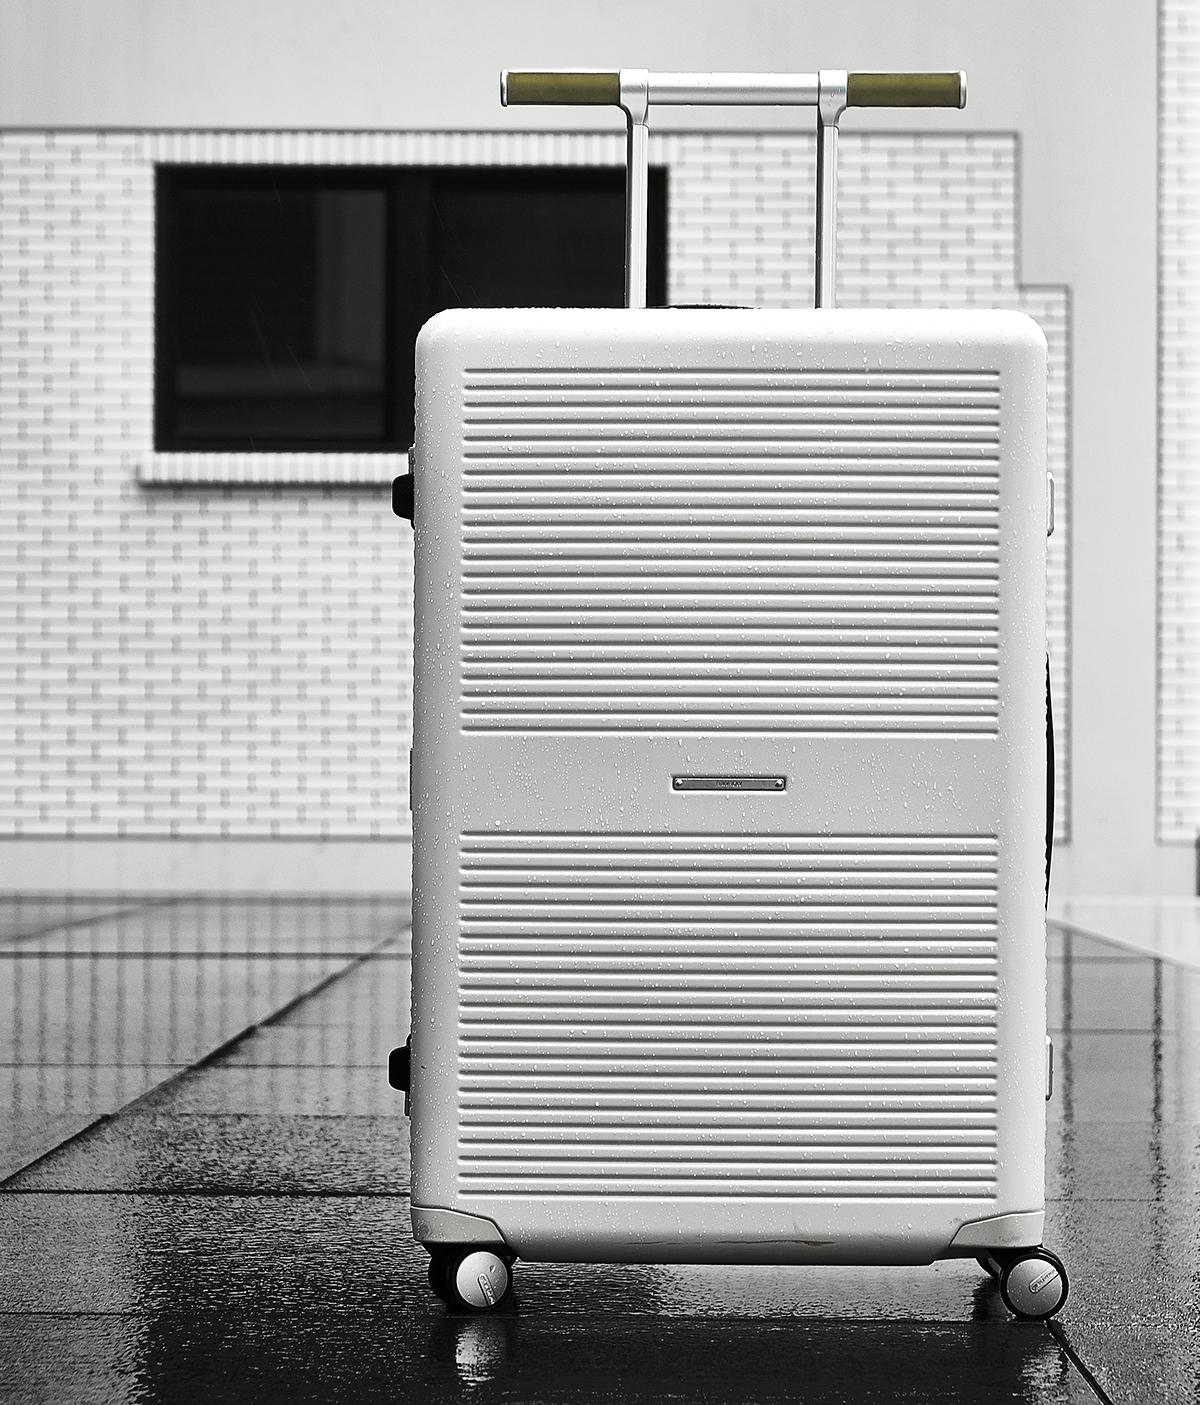 「荷物を守り、快適に運ぶ」の本質を追求し、さまざまなテストを重ねた上で商品化した耐久性や耐衝撃性のあるスーツケース(63L・4〜5泊〜)|RAWROW